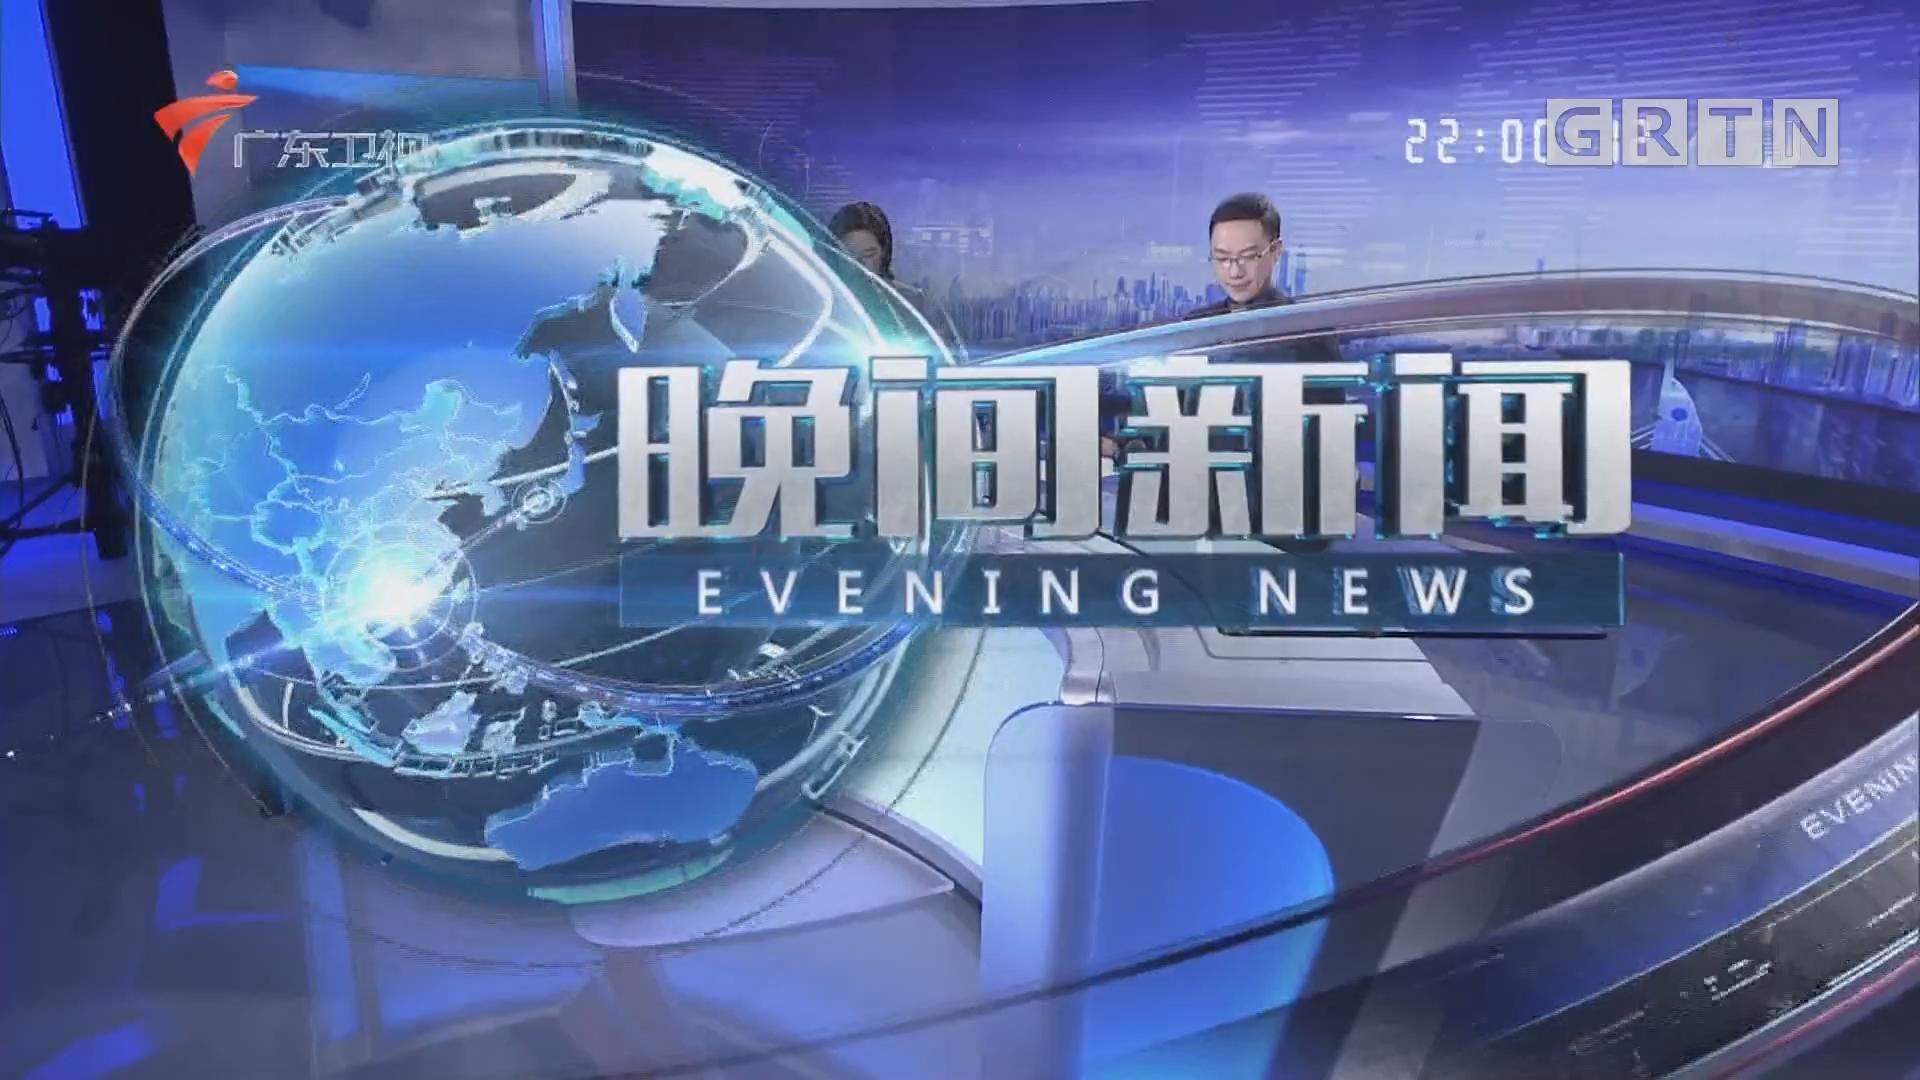 [HD][2019-10-14]晚间新闻:《中国的粮食安全》白皮书:两个重要指标双双超过6.5亿吨